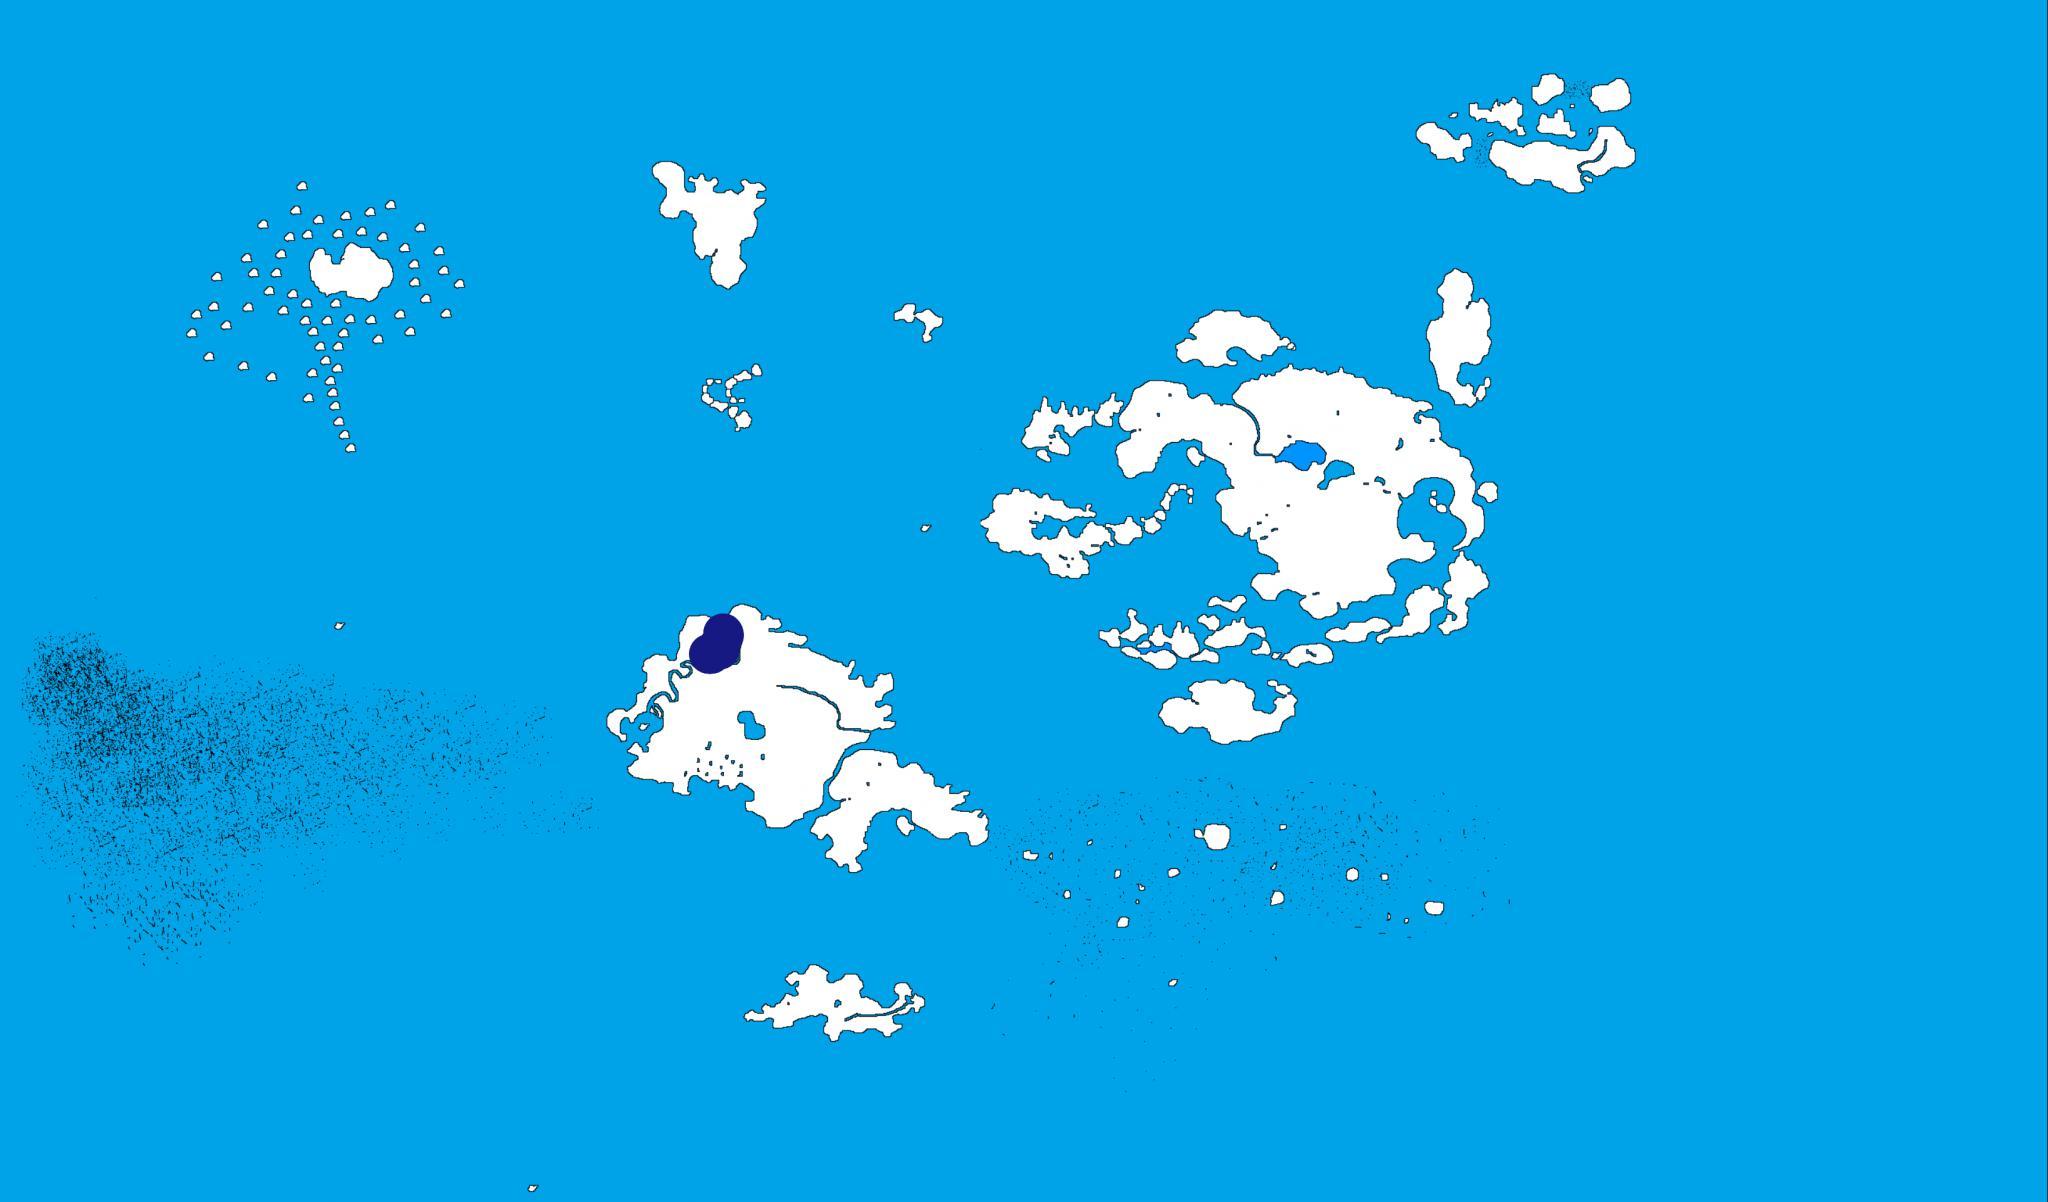 Zdjęcie użytkownika Lutherek w temacie Mapa i wybór miejsca dla państwa